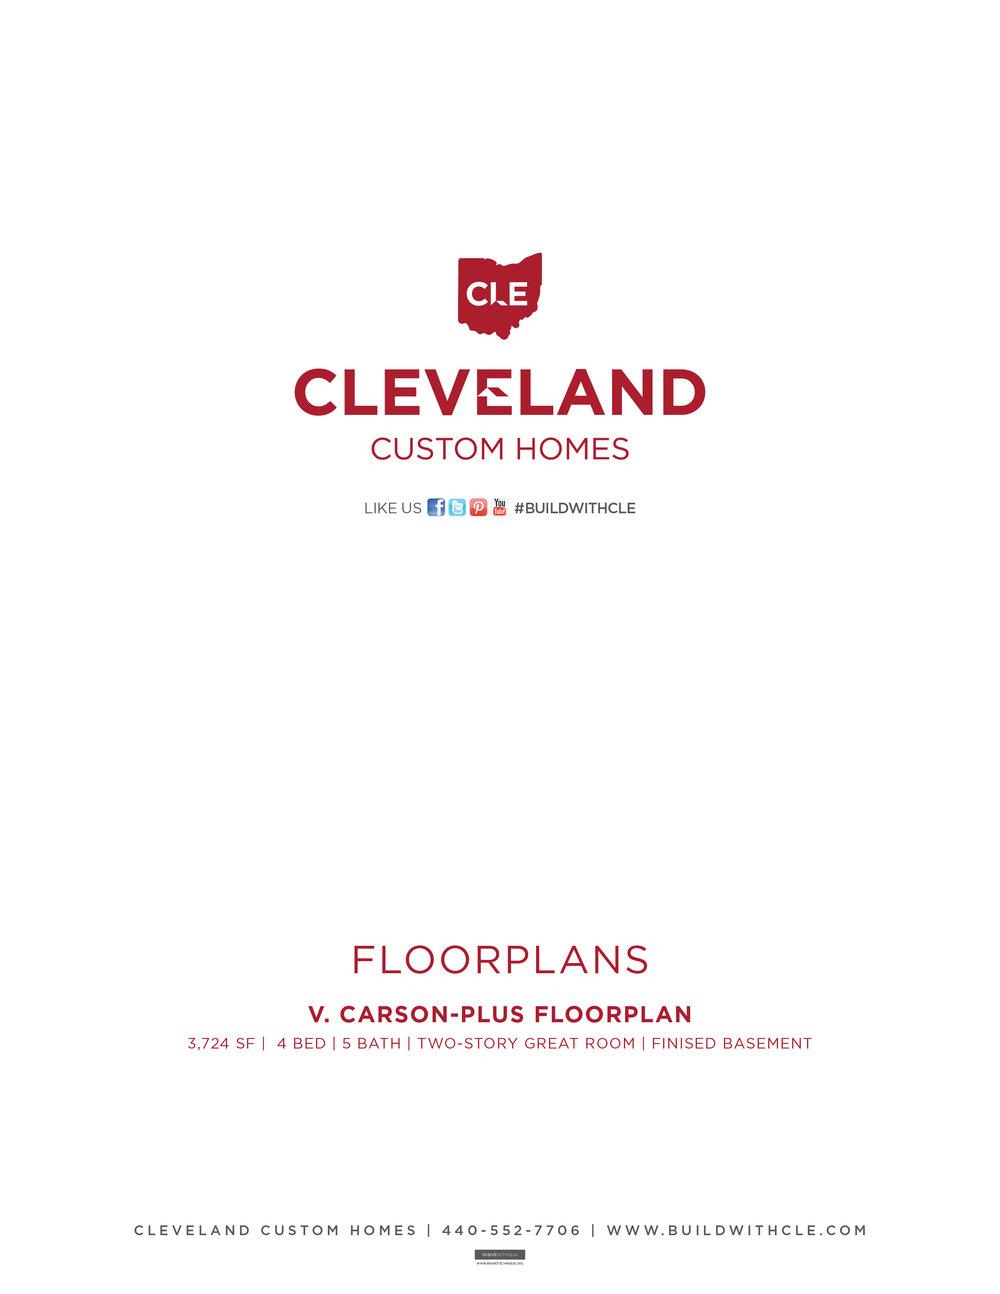 18-2535_CLE_Floorplans17.jpg